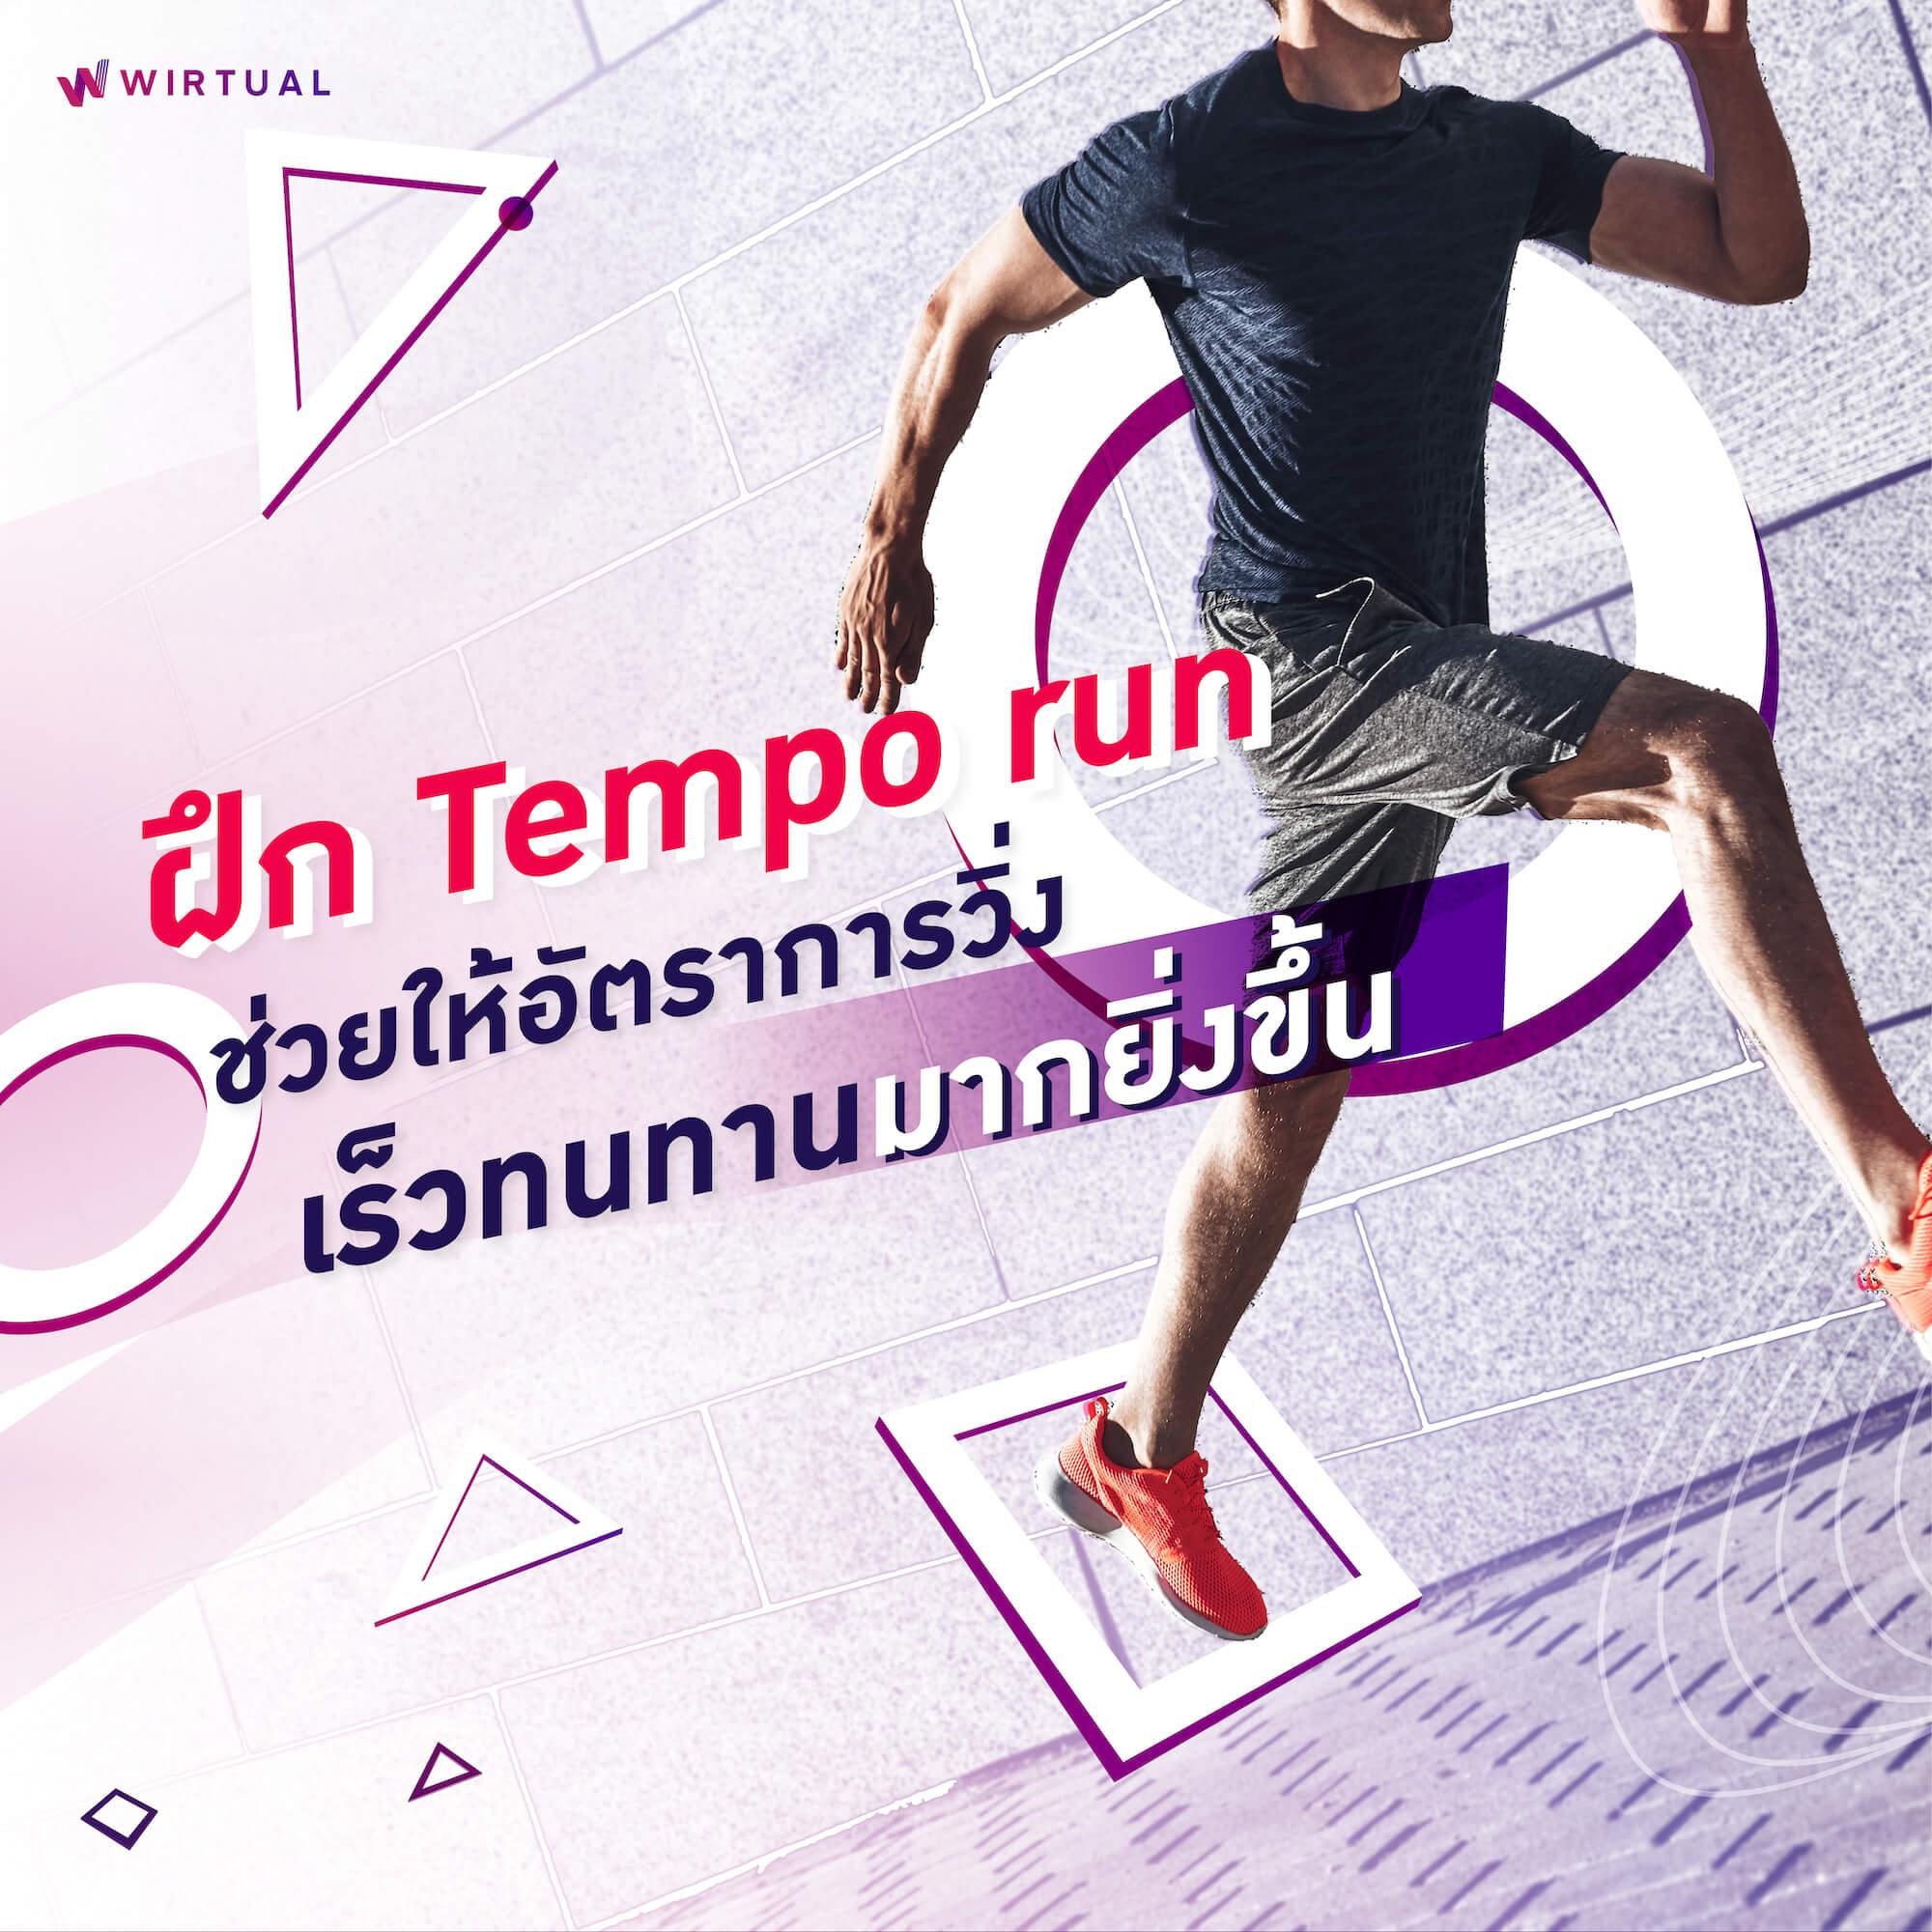 ฝึก Tempo run ช่วยให้อัตราการวิ่งเร็วทนทานมากยิ่งขึ้น